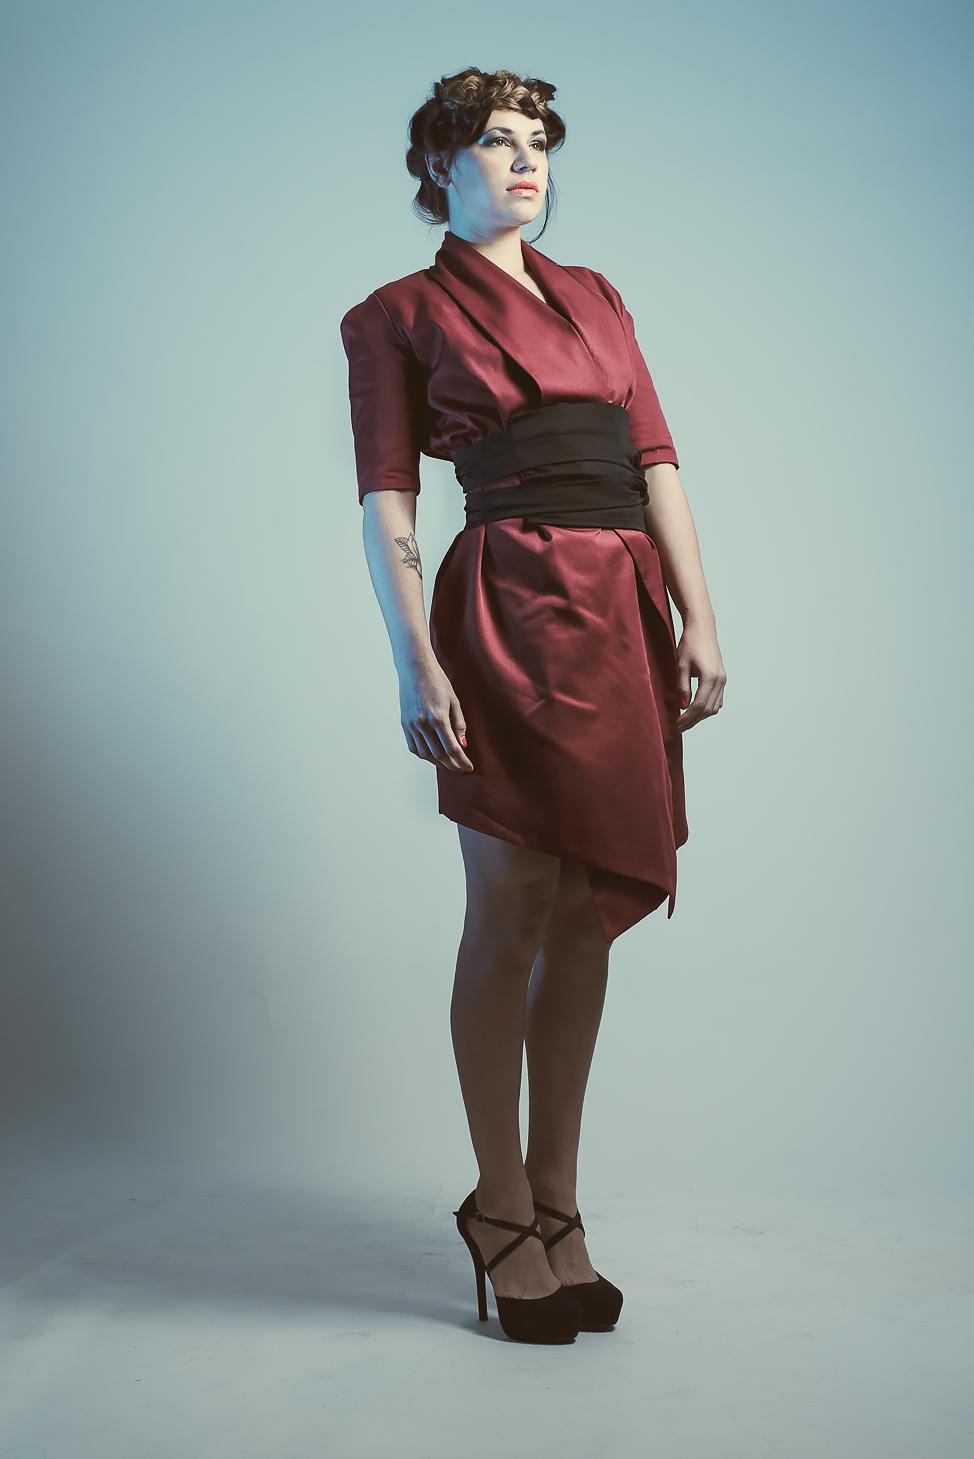 zaramia-ava-zaramiaava-leeds-fashion-designer-ethical-sustainable-tailored-minimalist-mai-burgundy-jacket-dress-belt-versatile-drape-cowl-styling-womenswear-models-photoshoot-shrine-hairdressers-58